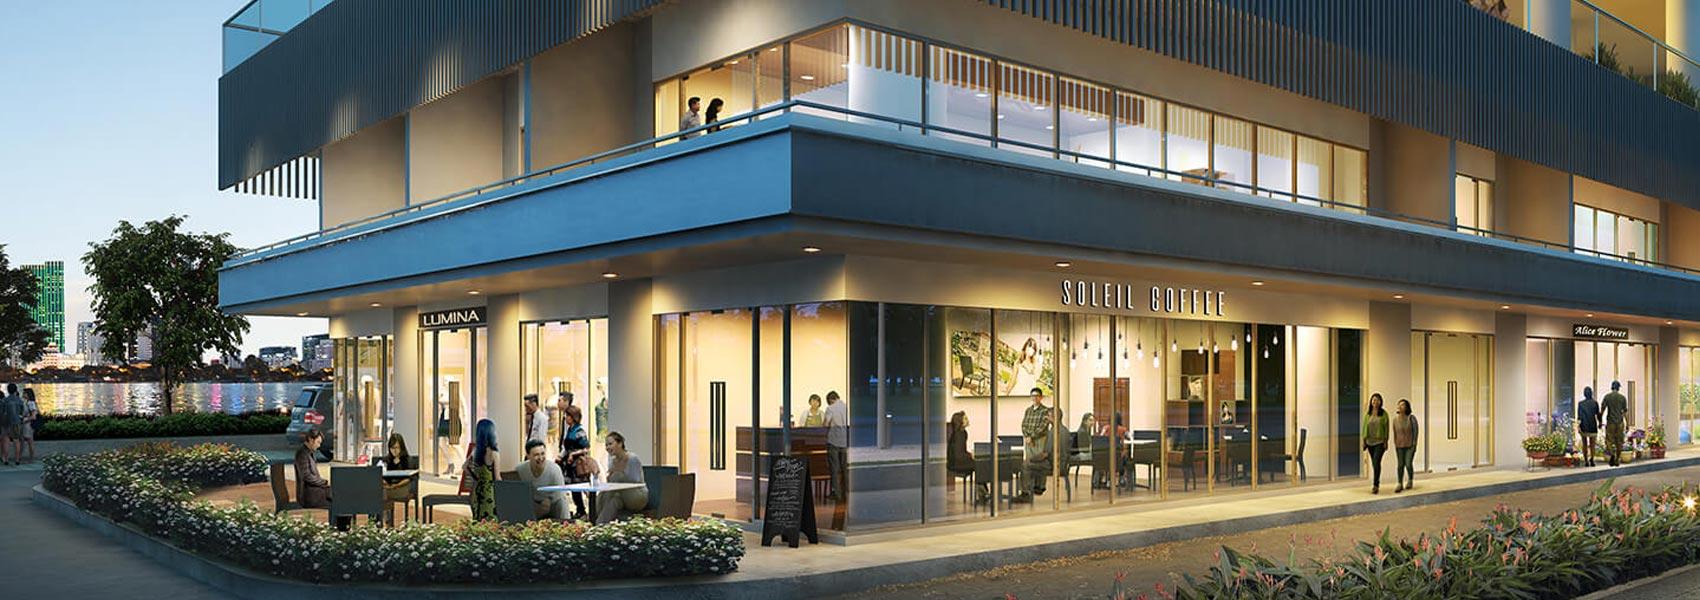 Shophouse dự án căn hộ chung cư One Verandah Quận 2 Đường Bát Nàn chủ đầu tư Mapletree